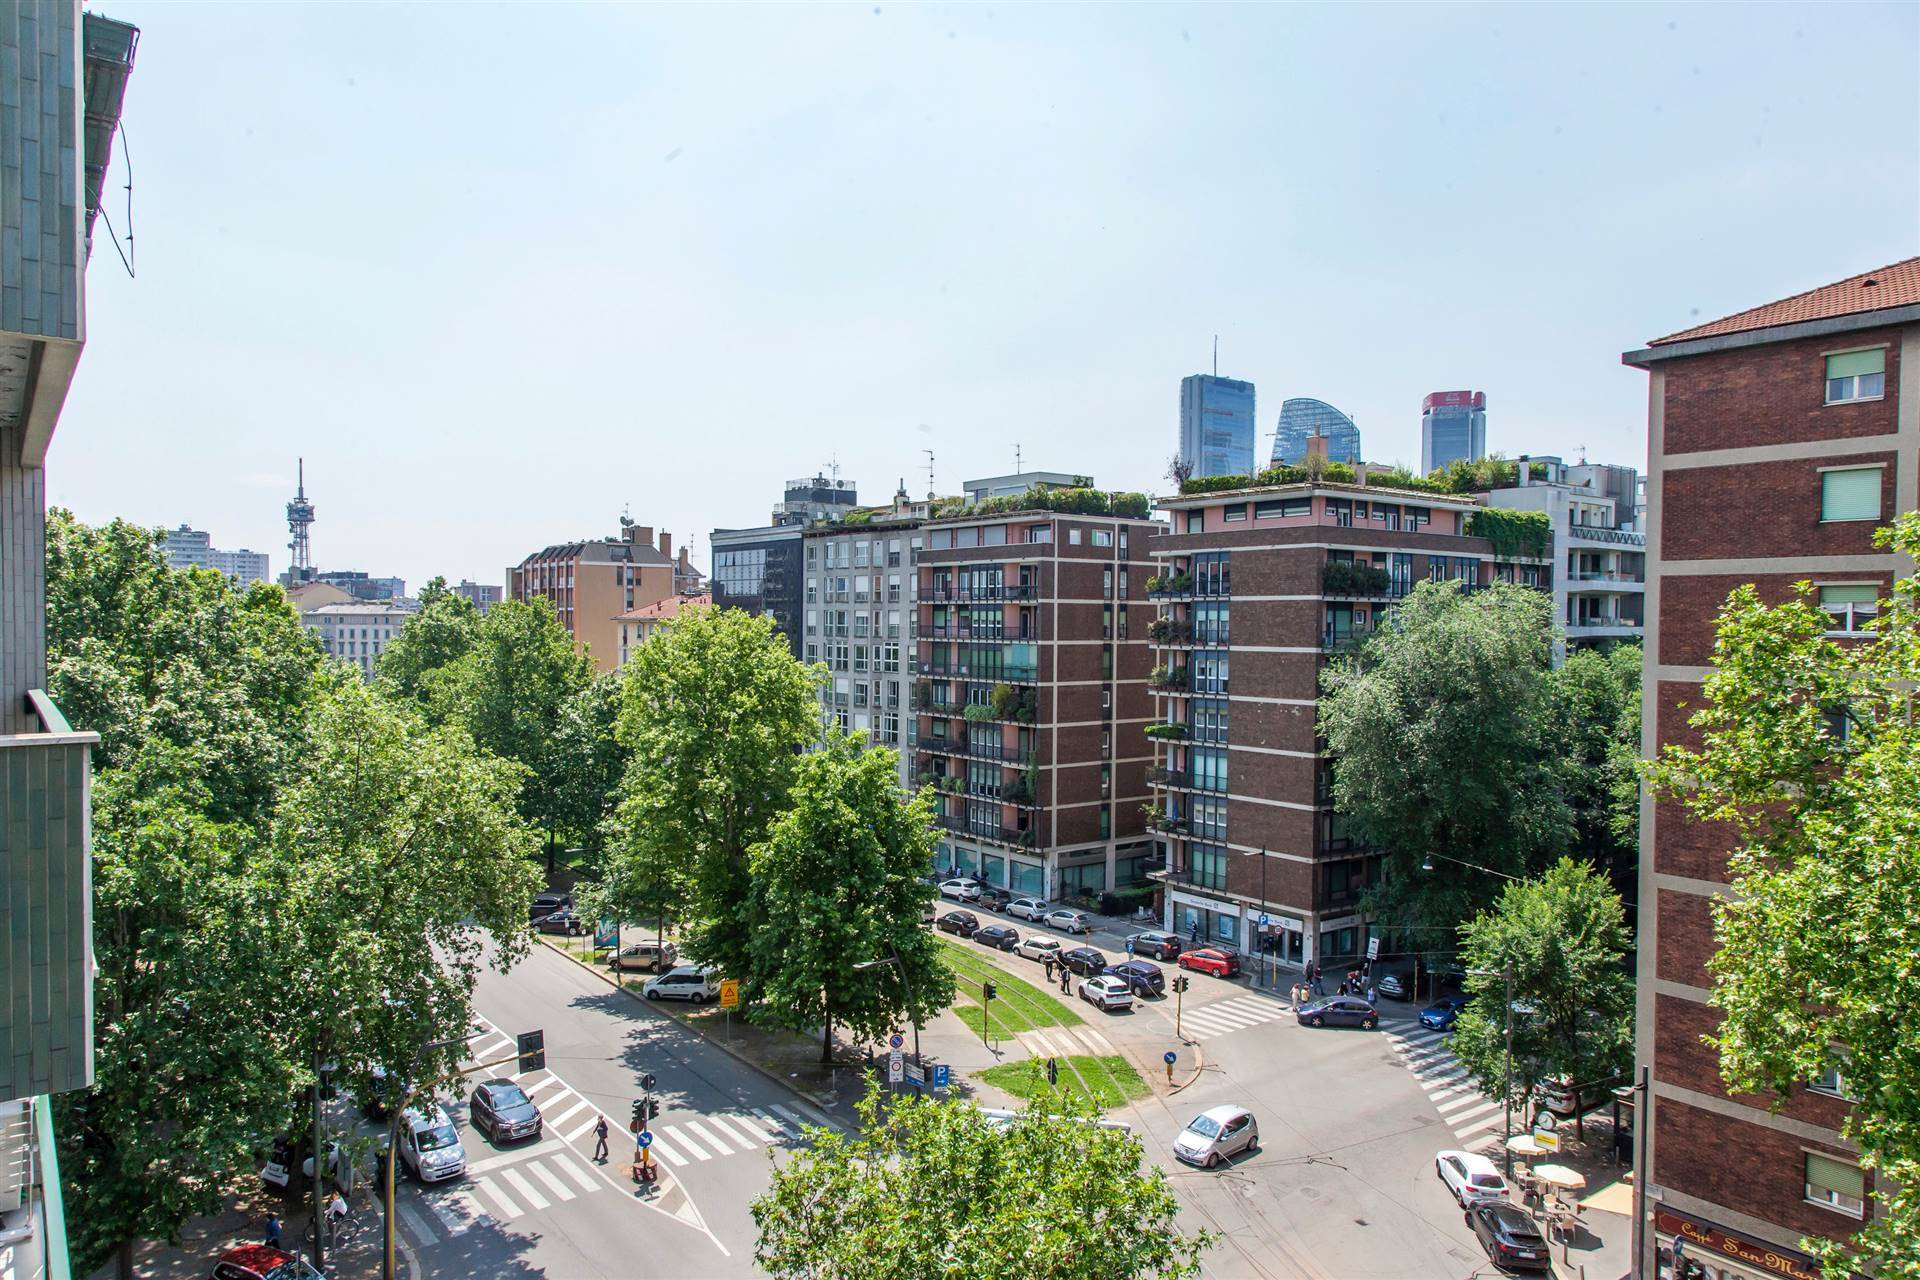 In corso Sempione, uno dei quartieri più esclusivi di Milano, proponiamo una soluzione di 250 m2 con terrazzo panoramico e doppio box auto. Per info e appuntamenti contattare LUCIANO PEDRINI